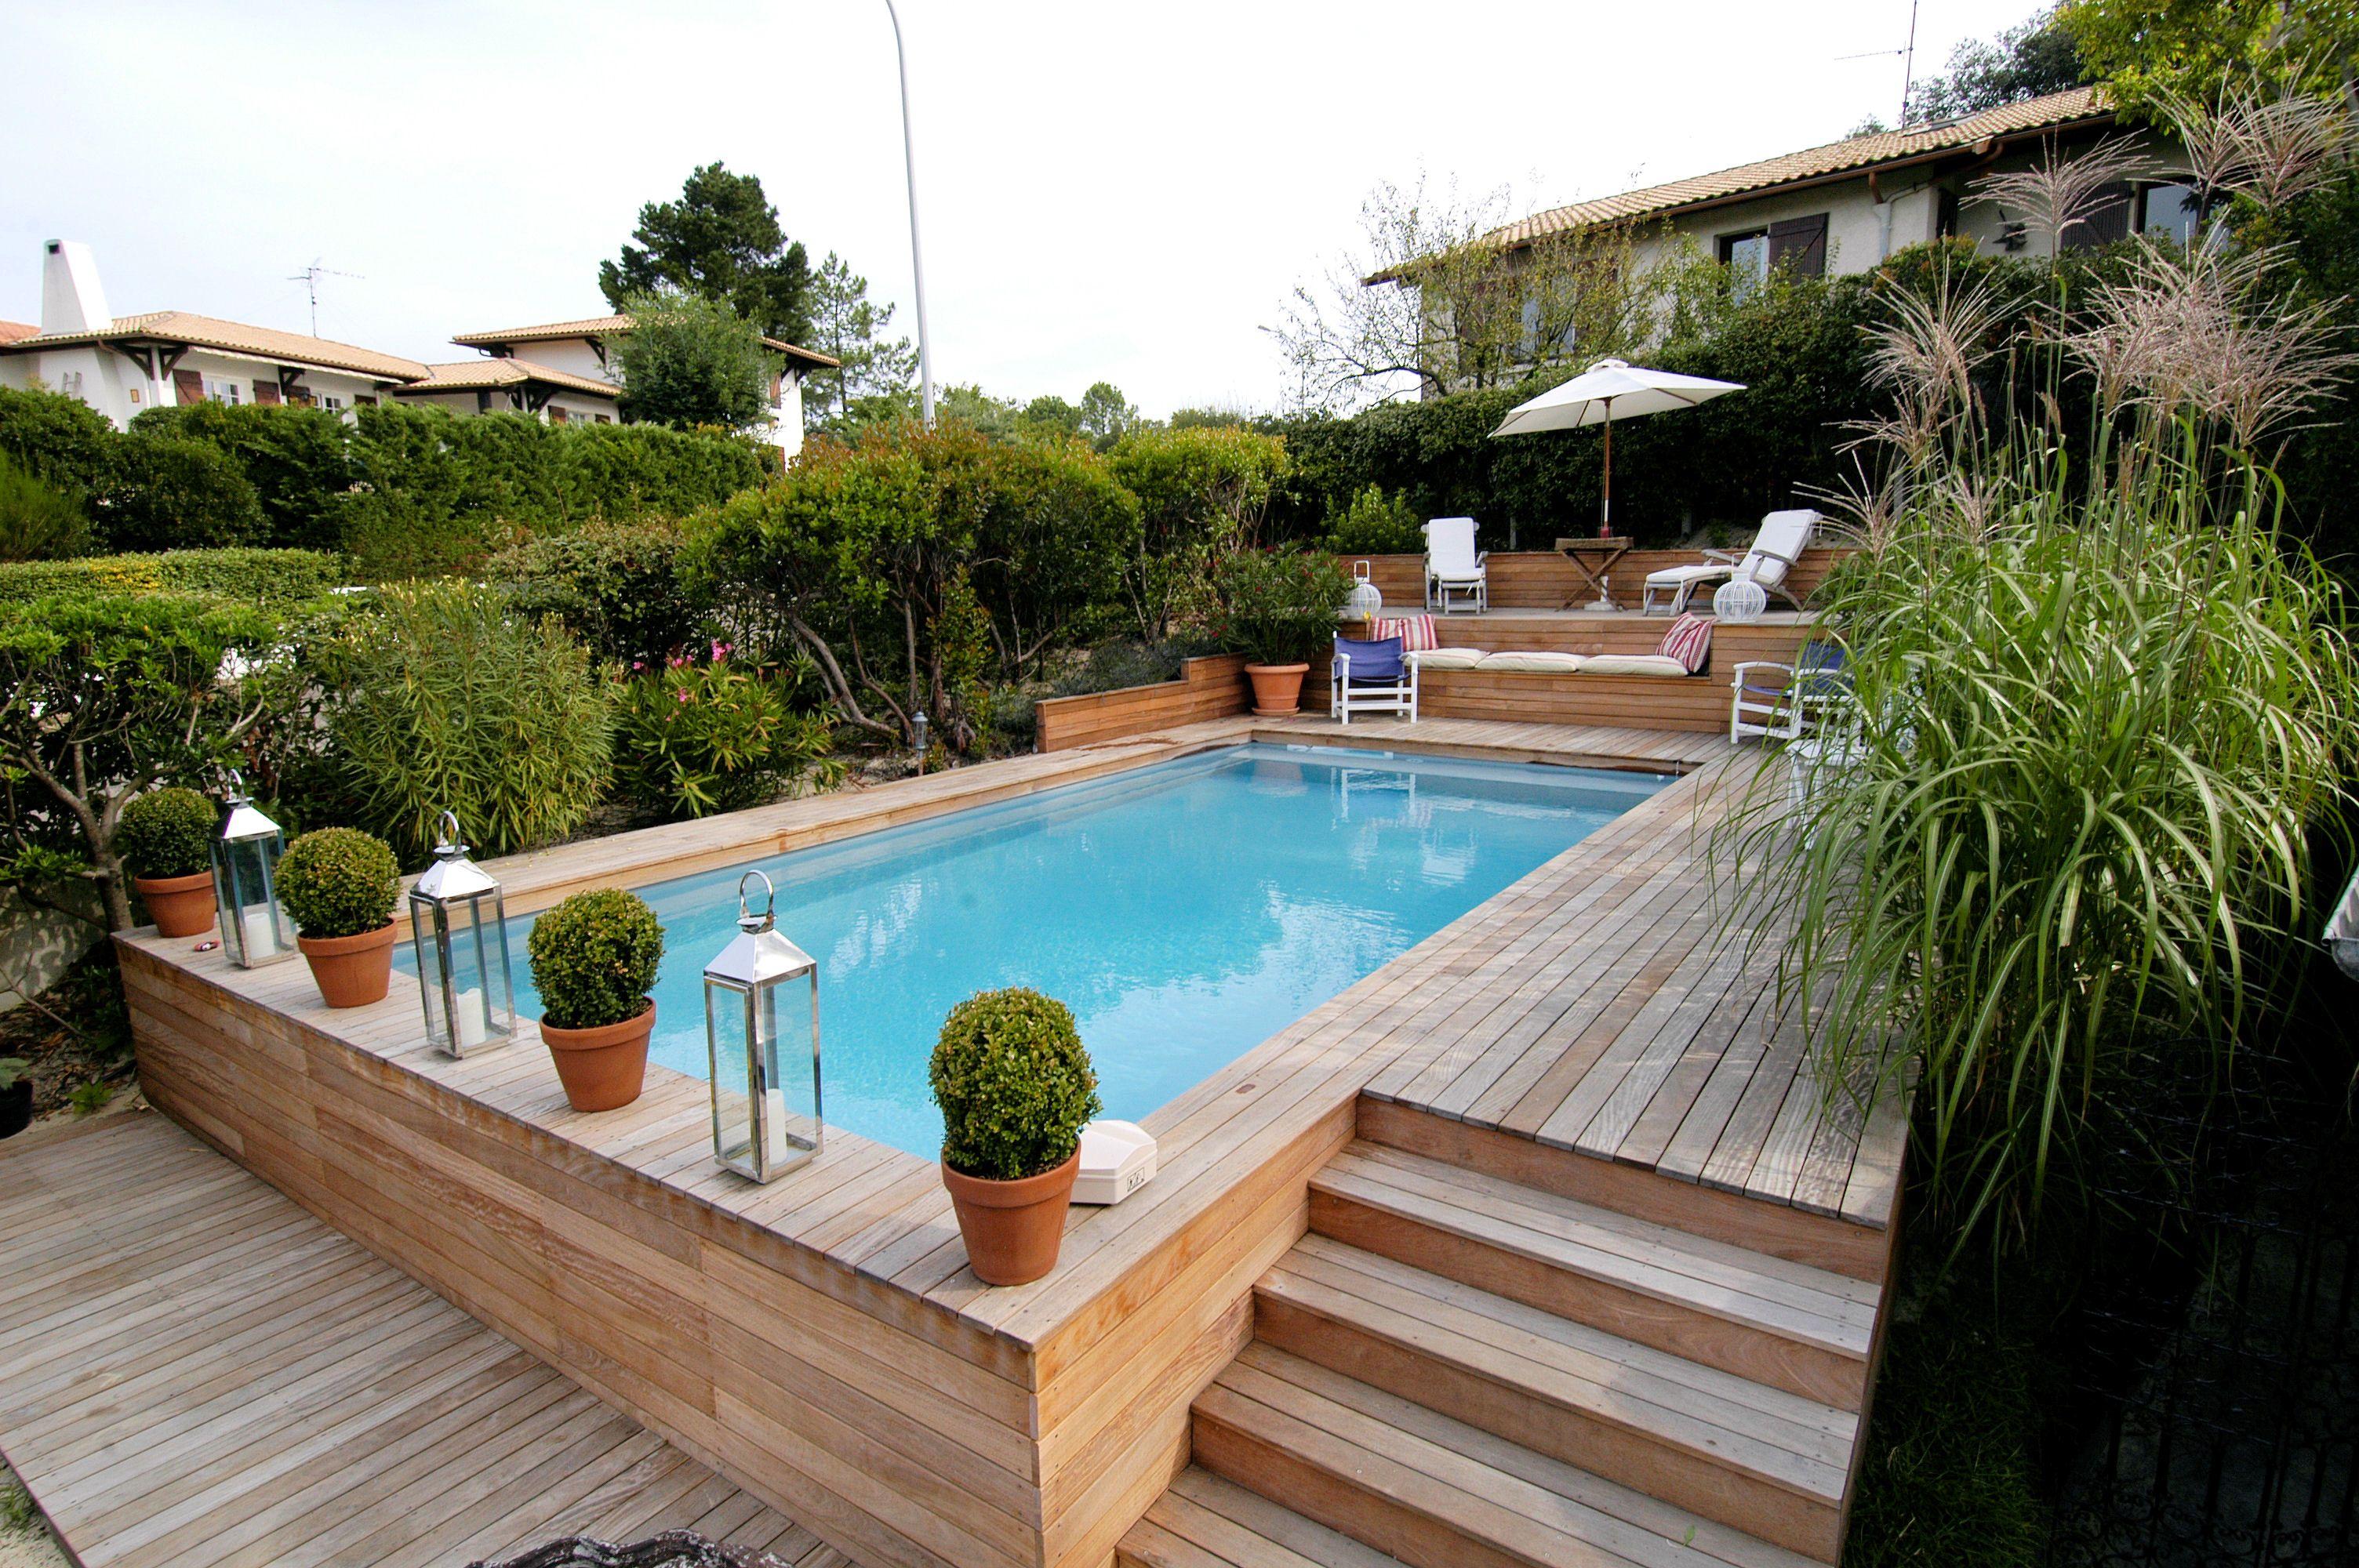 20 piscines qui prouvent que les structures hors sol peuvent ªtre